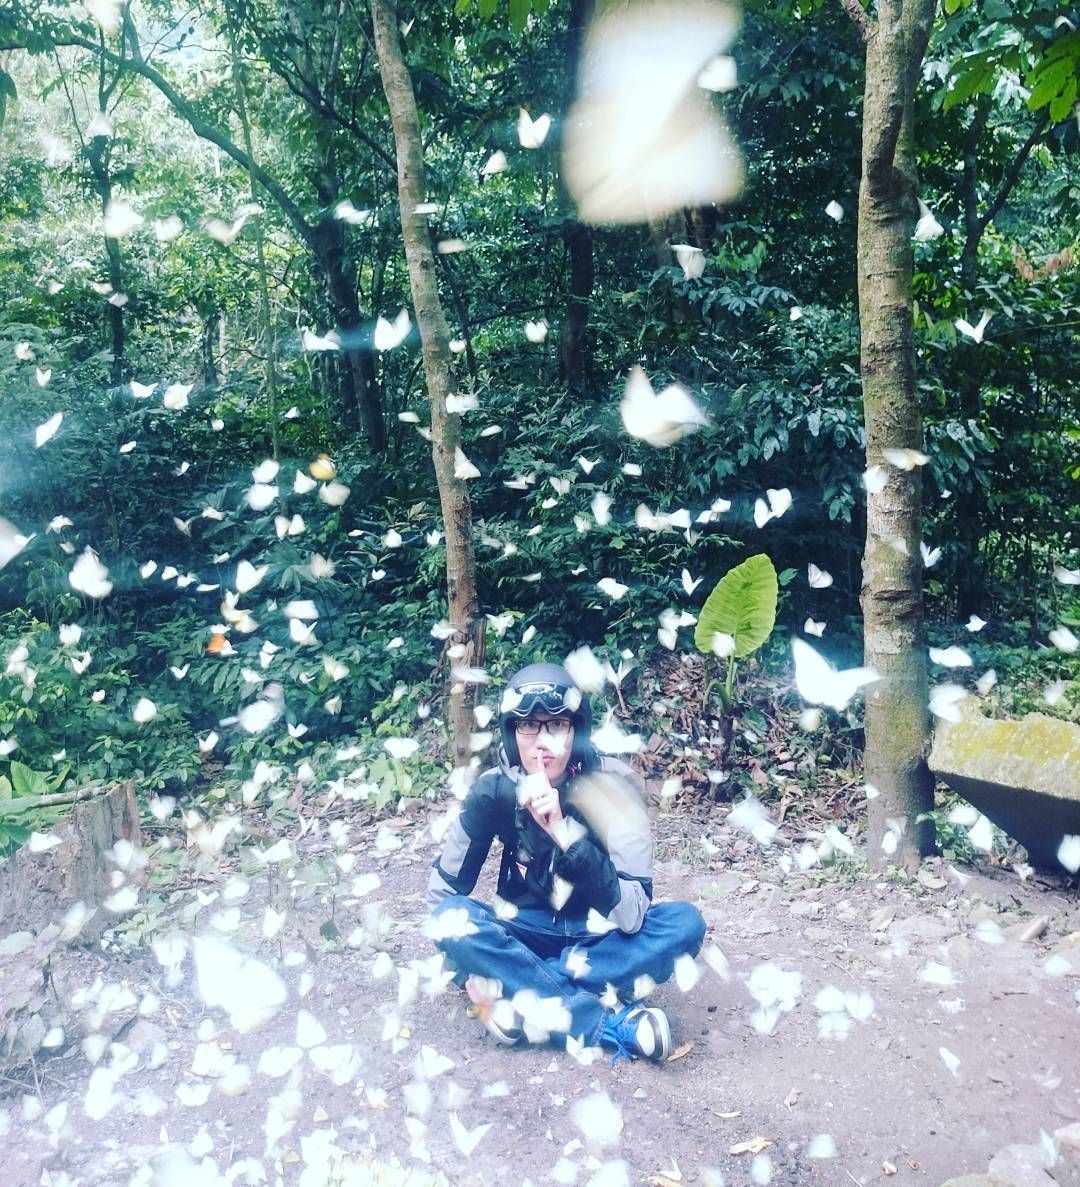 """15306771_591543994371152_6838114042955956224_n Hóa """"Hàm Hương"""" với hàng ngàn chú bướm cánh trắng rợp trời ở VN"""